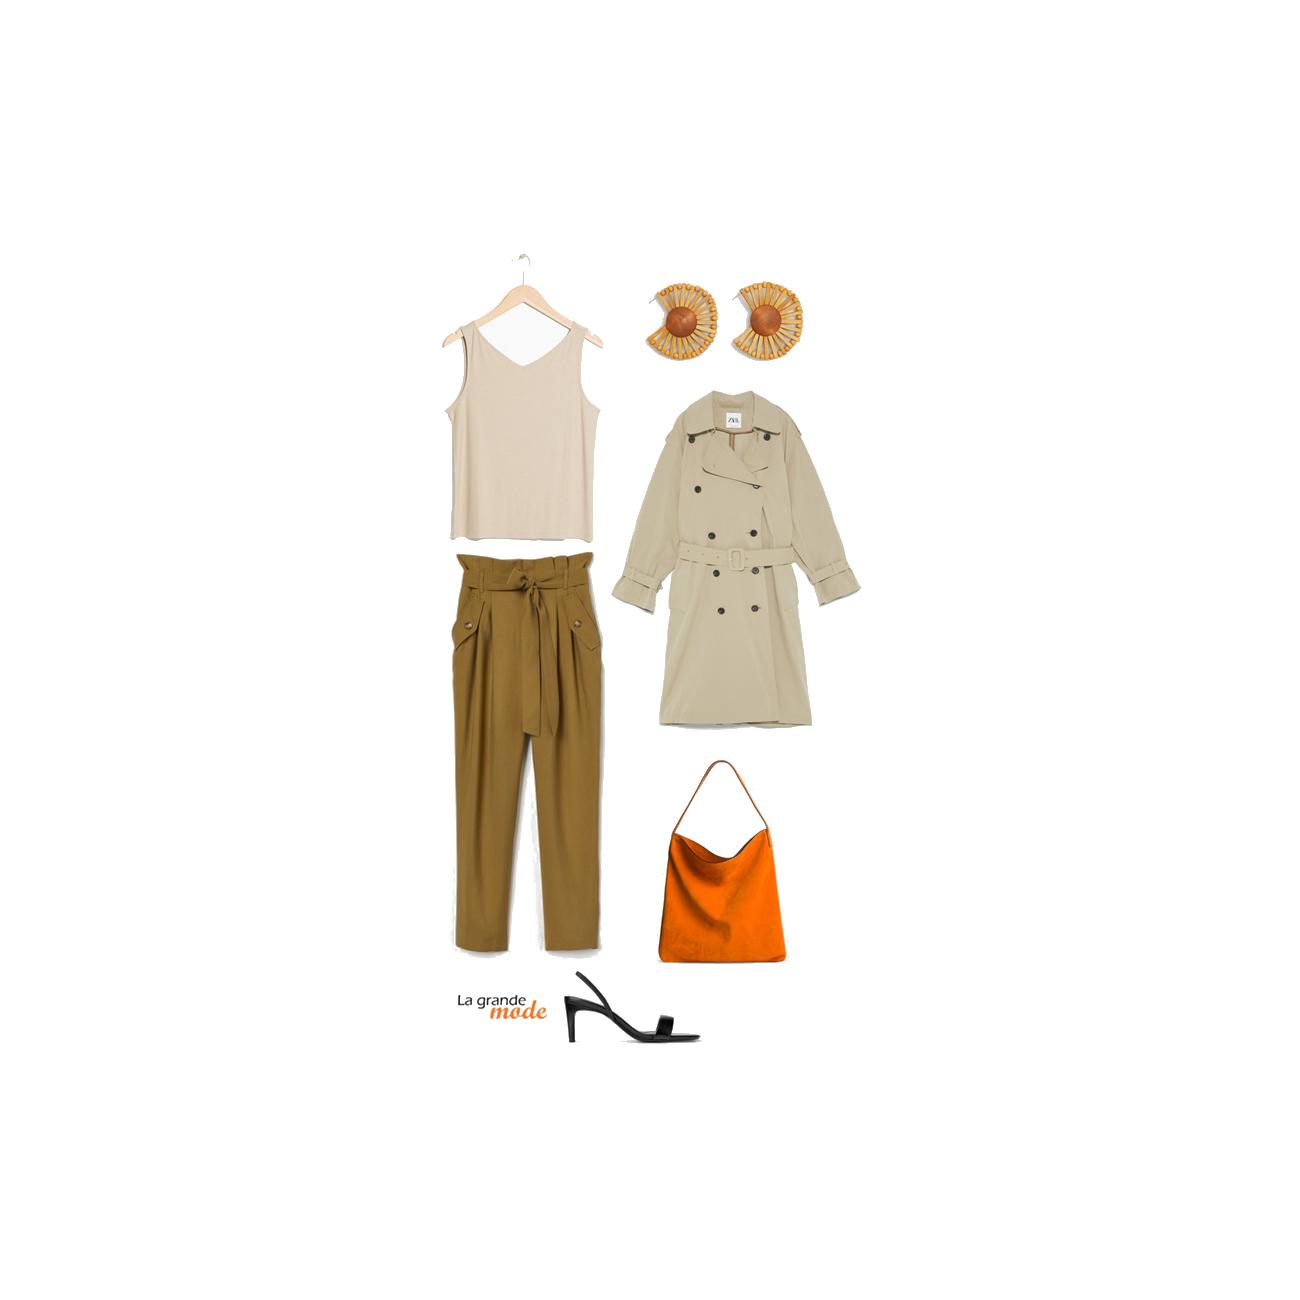 La Grande Mode - Idée look avec un pantalon paper bag kaki - Tendance mode printemps été 2019